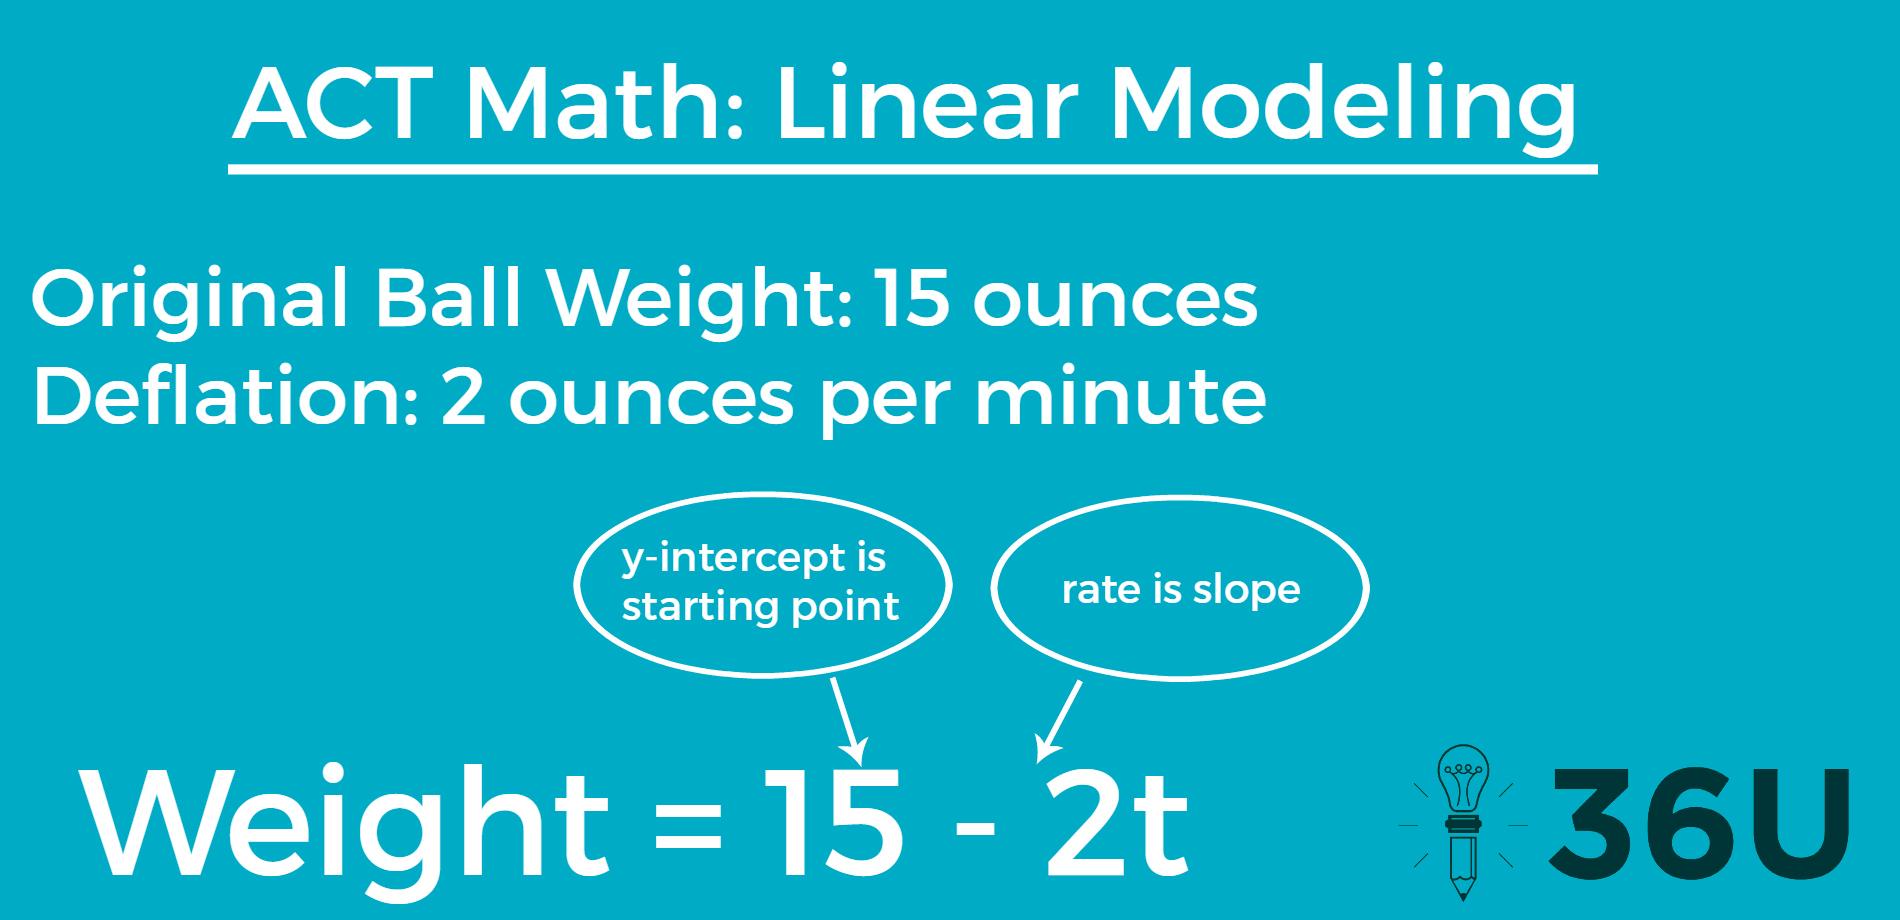 Linear Modeling 1.21.15